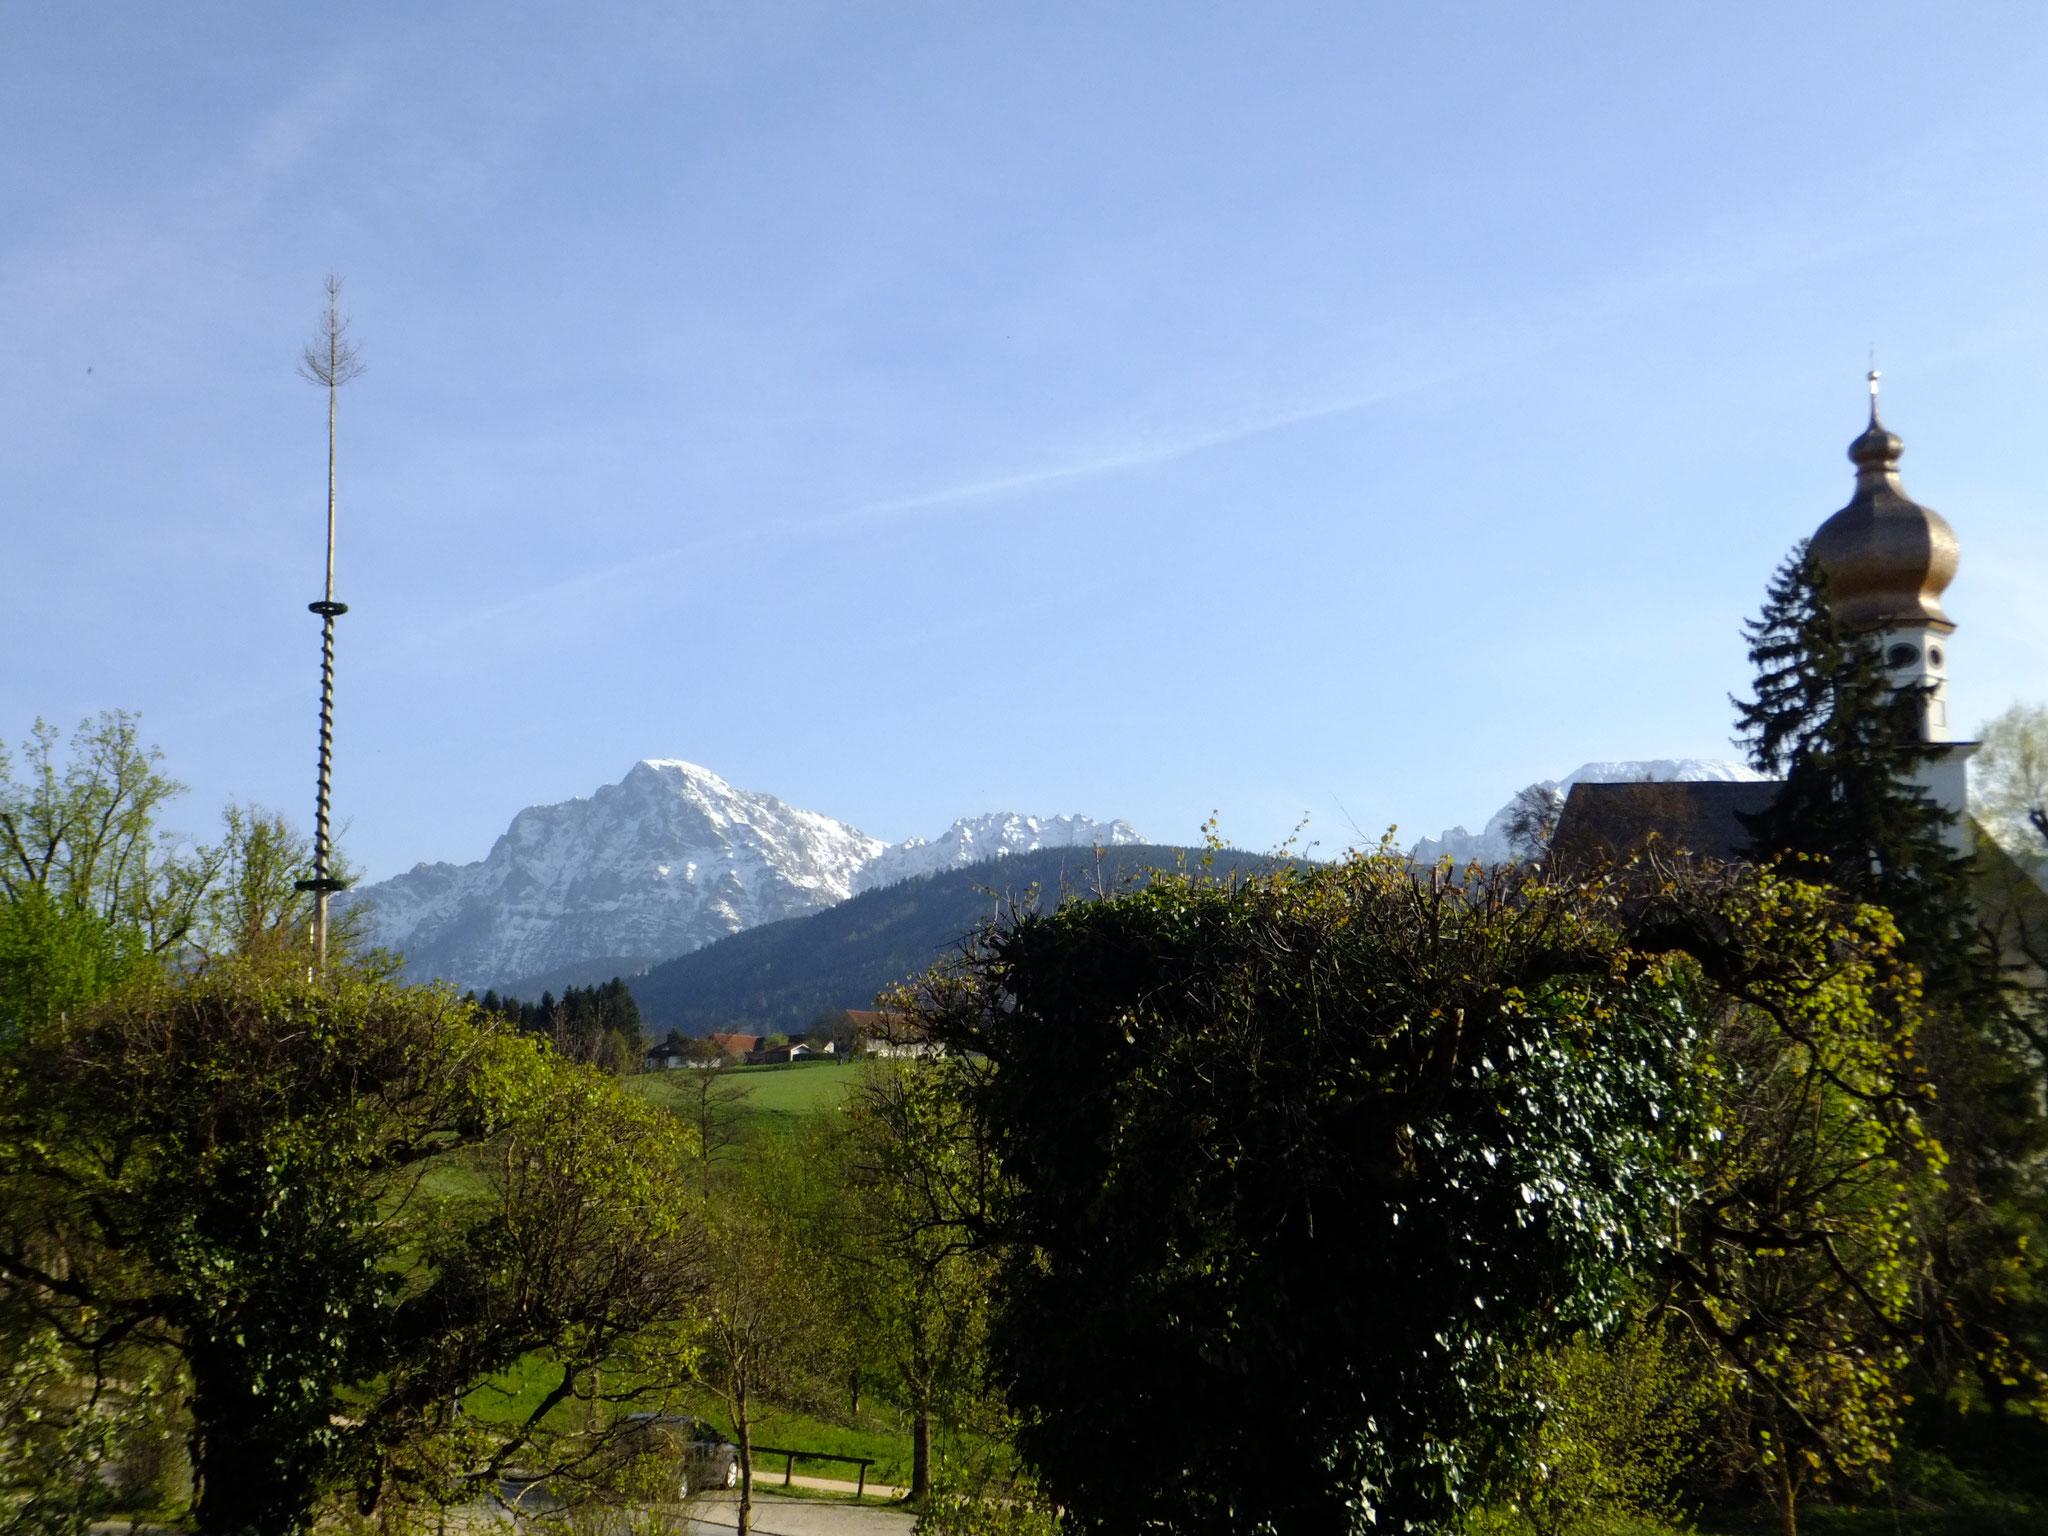 Parkplatz Gasthof Klosterwirt mit Blick Richtung Staufen